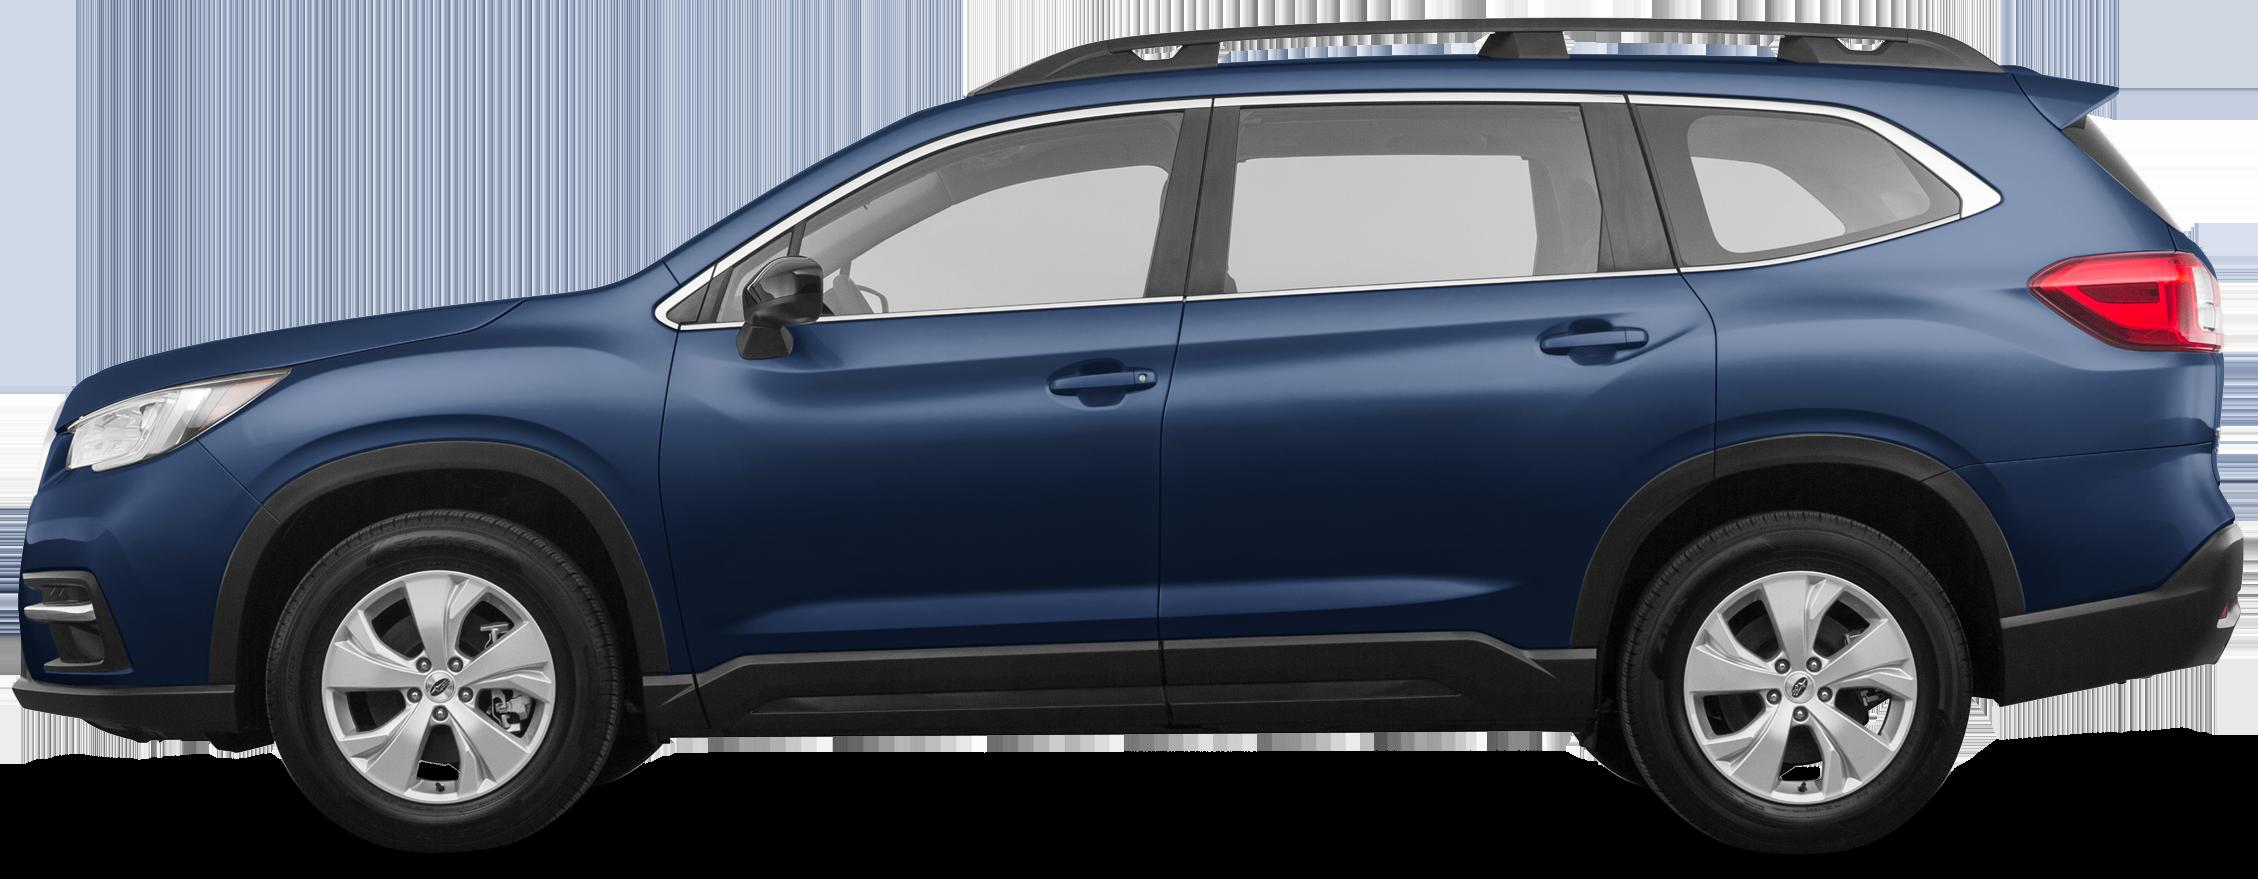 2021 Subaru Ascent VUS Commodité 8 places